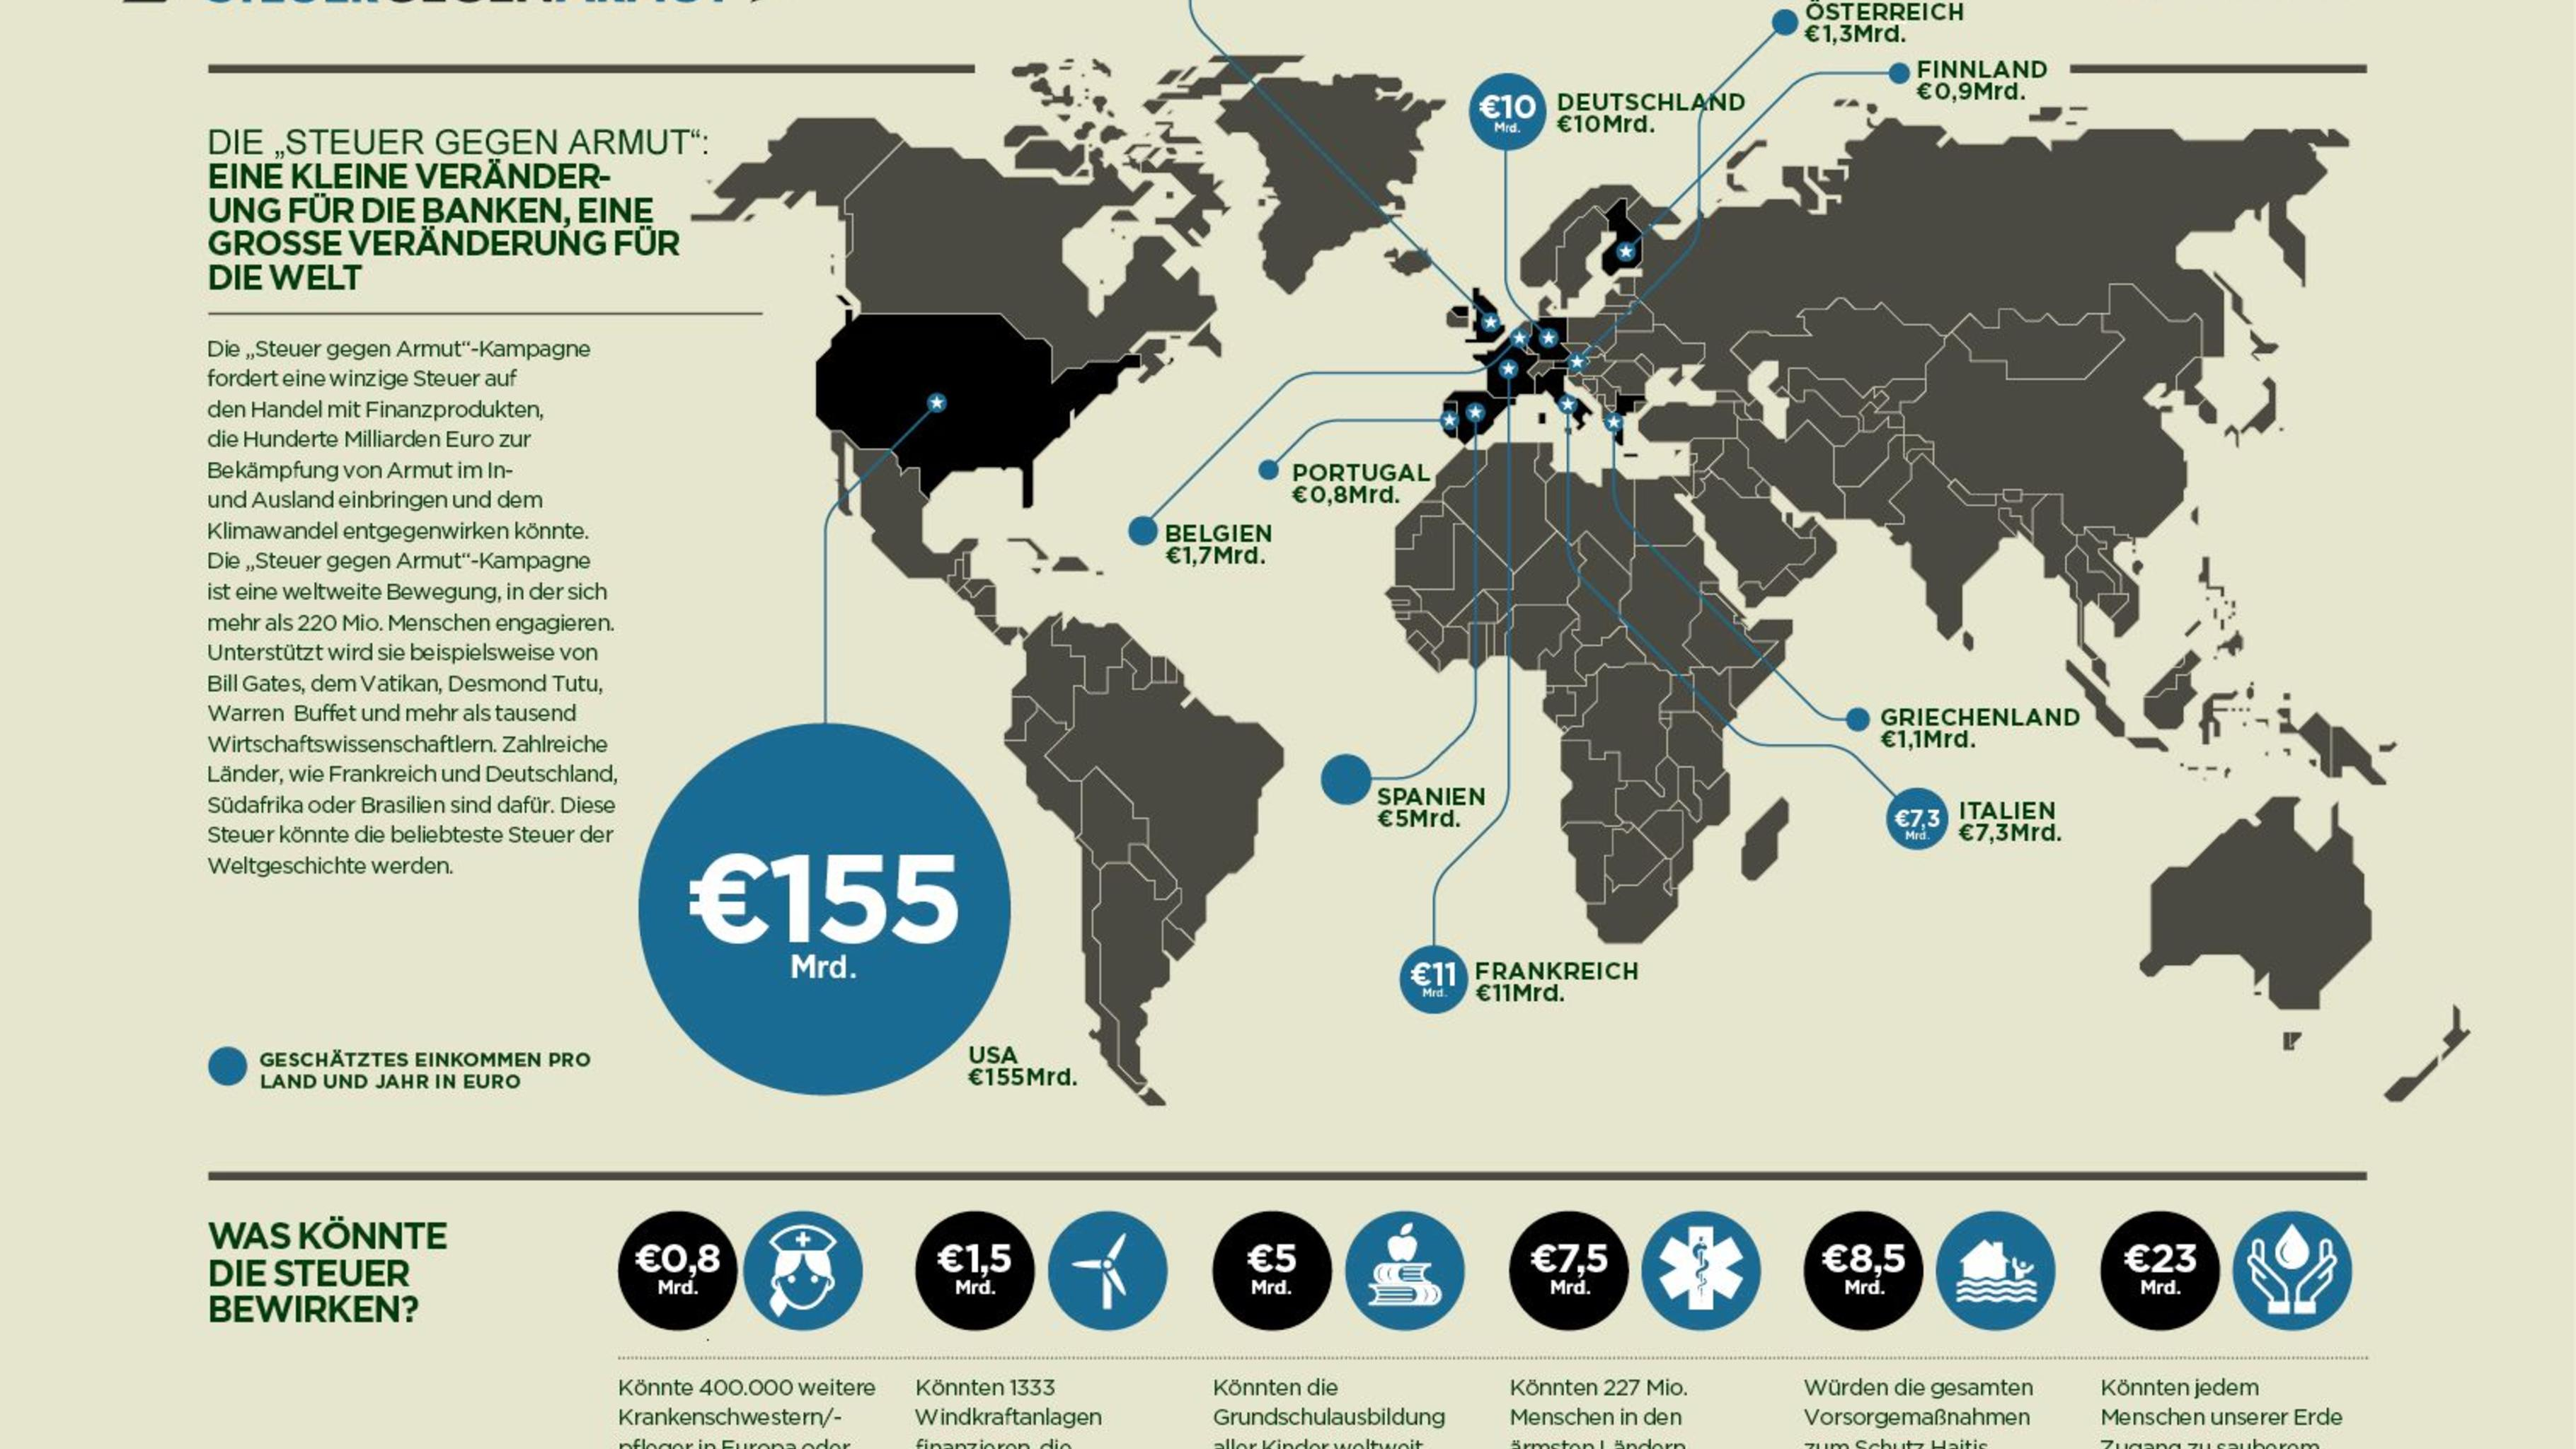 Foto: Eine kleine Veränderung für die Banken, eine große Veränderung für die Wel